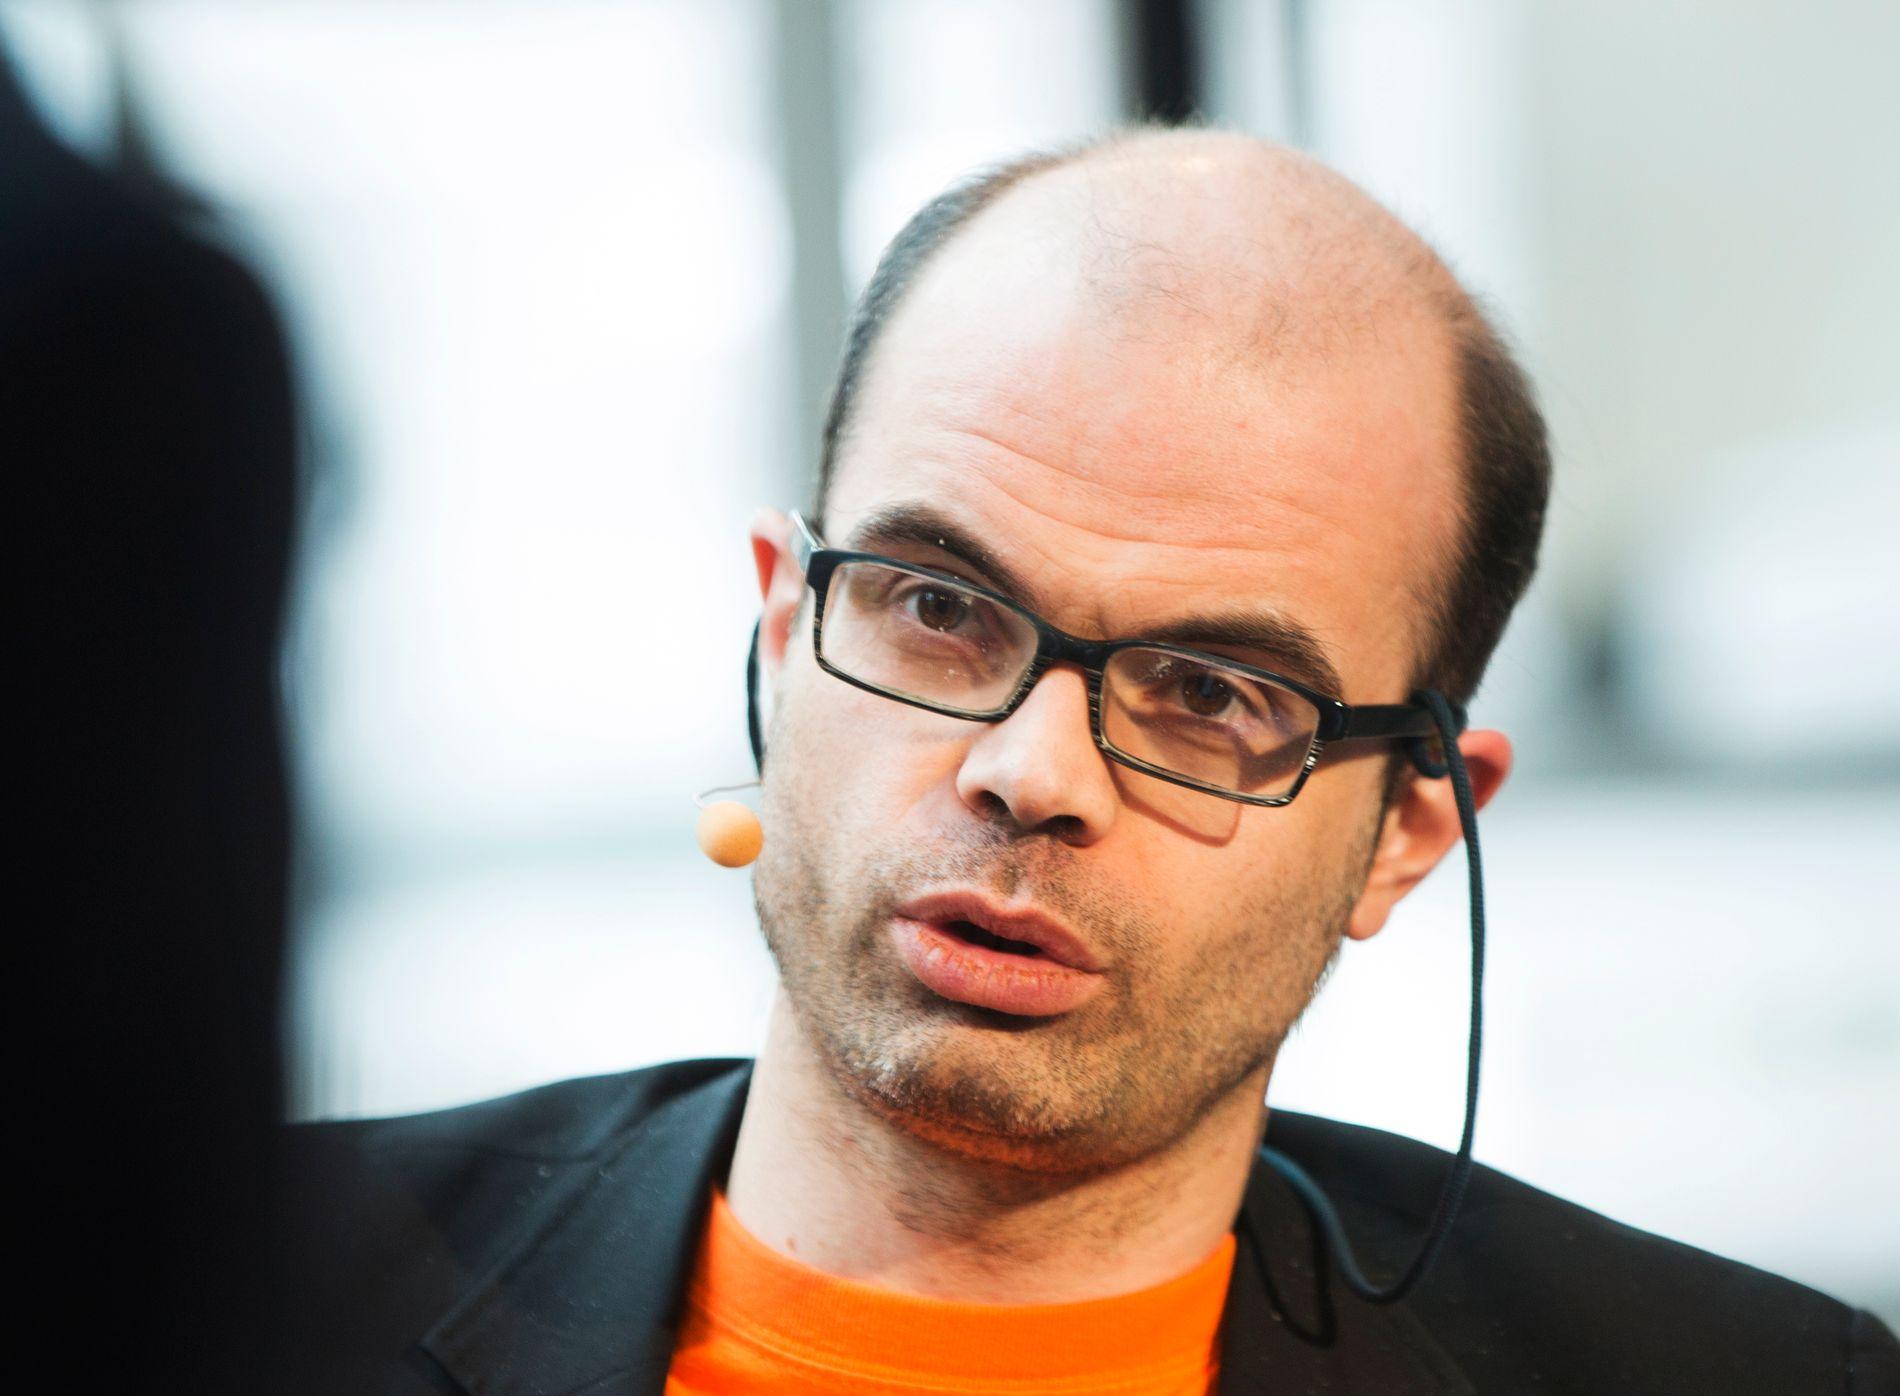 Dette bildet av Hans Olav Lahlum, forfatter, historiker, sjakkspiller og SV-politiker ble tatt i 2013.